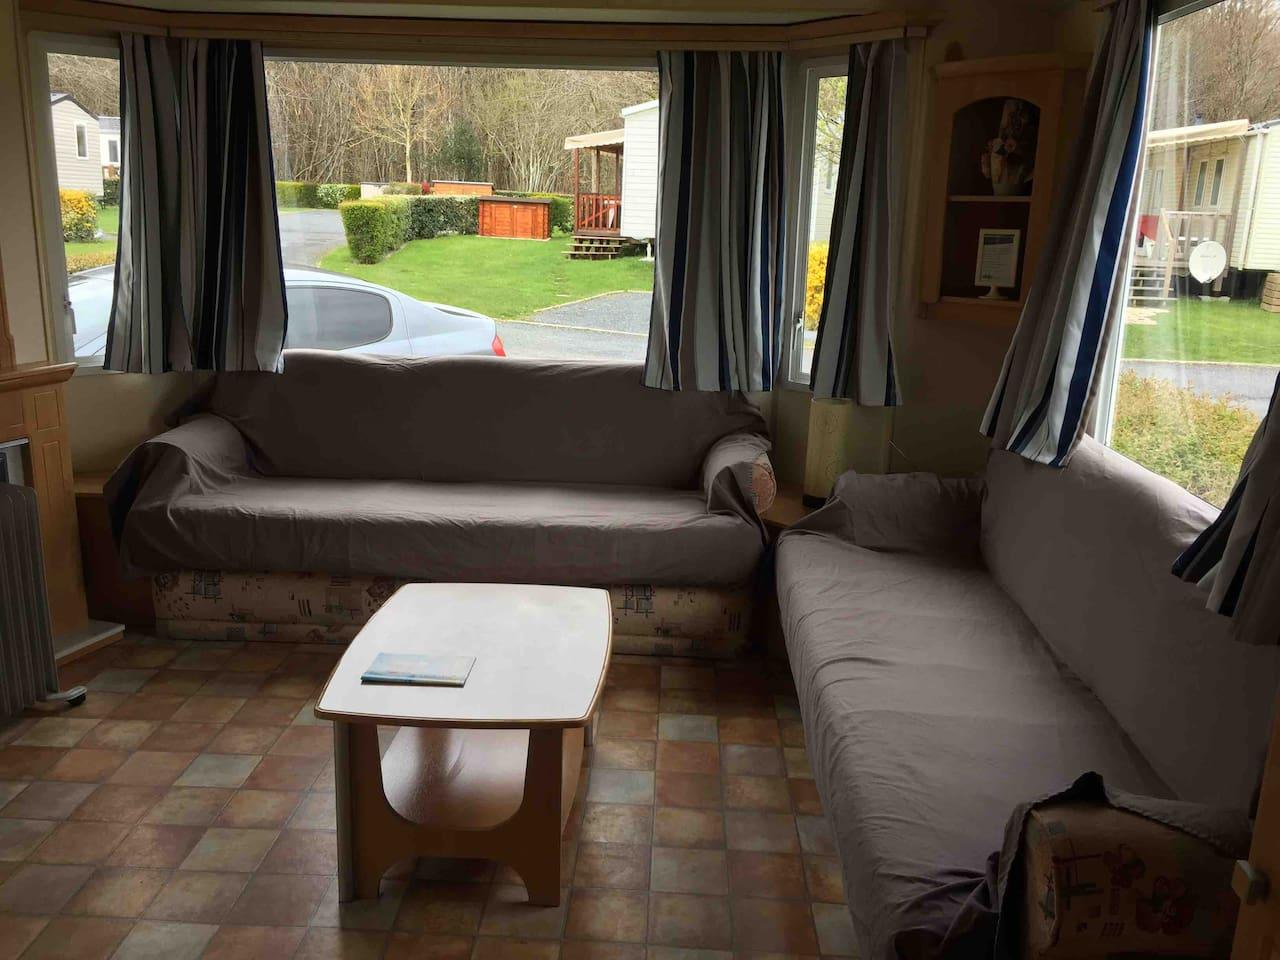 Housse De Canape Pour Mobil Home mobilhome camping siblu 4* - chalets à louer à litteau